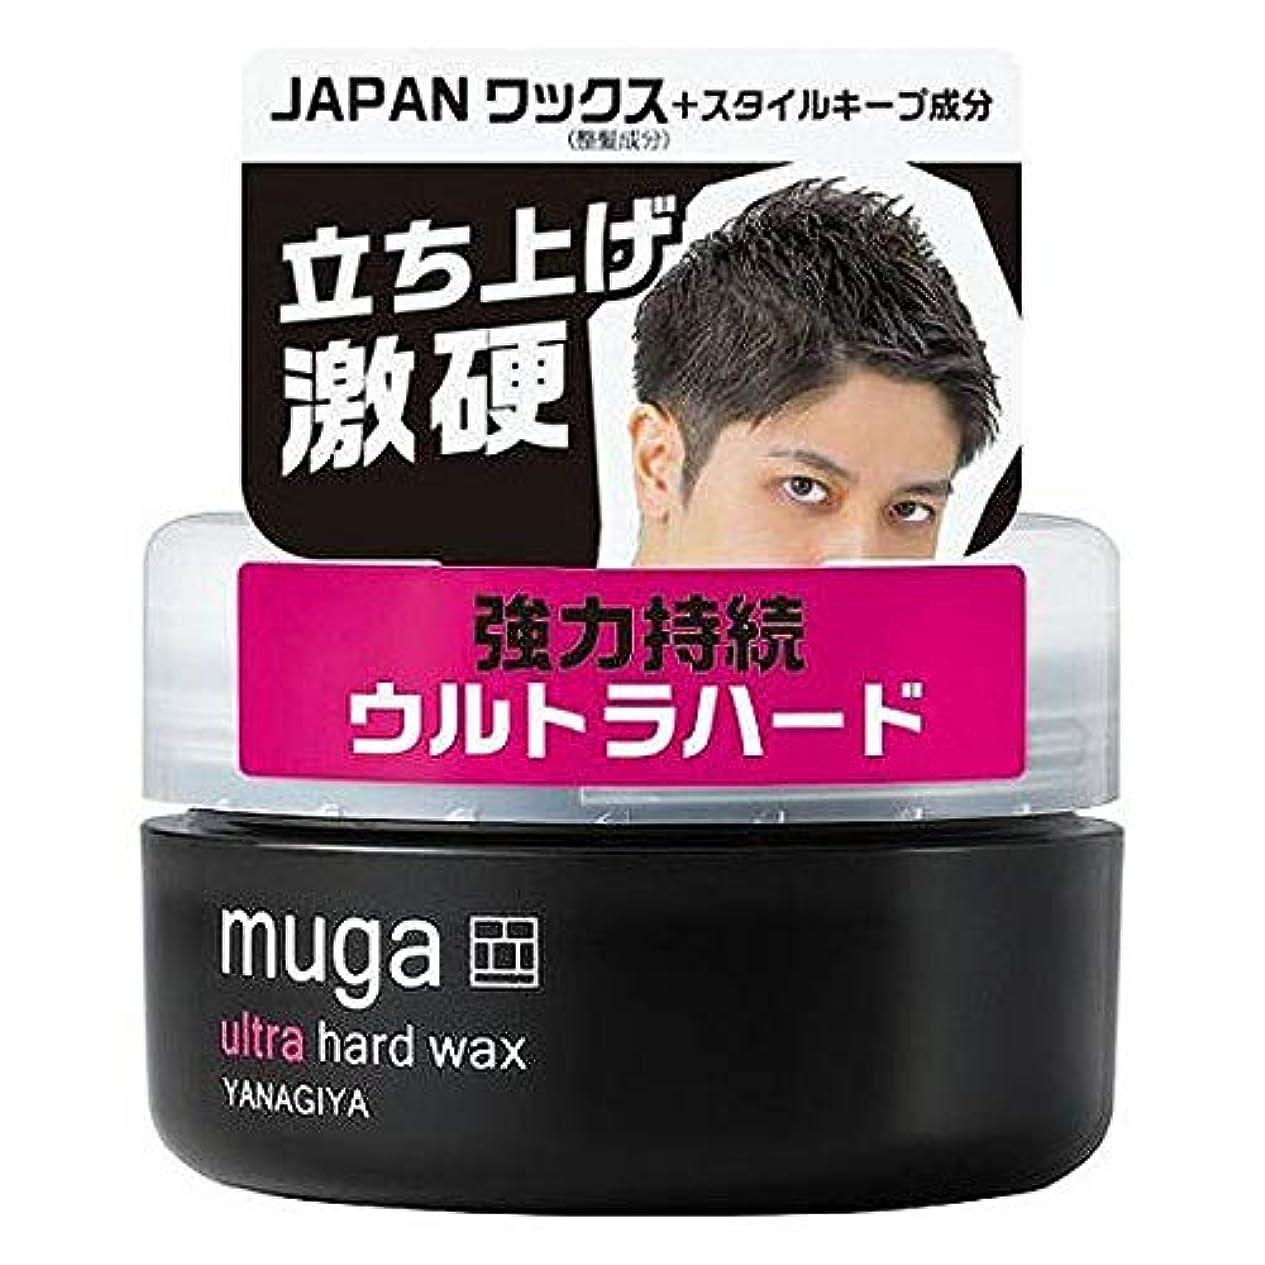 患者松の木リスナー【柳屋本店】MUGA ウルトラハードワックス 85g